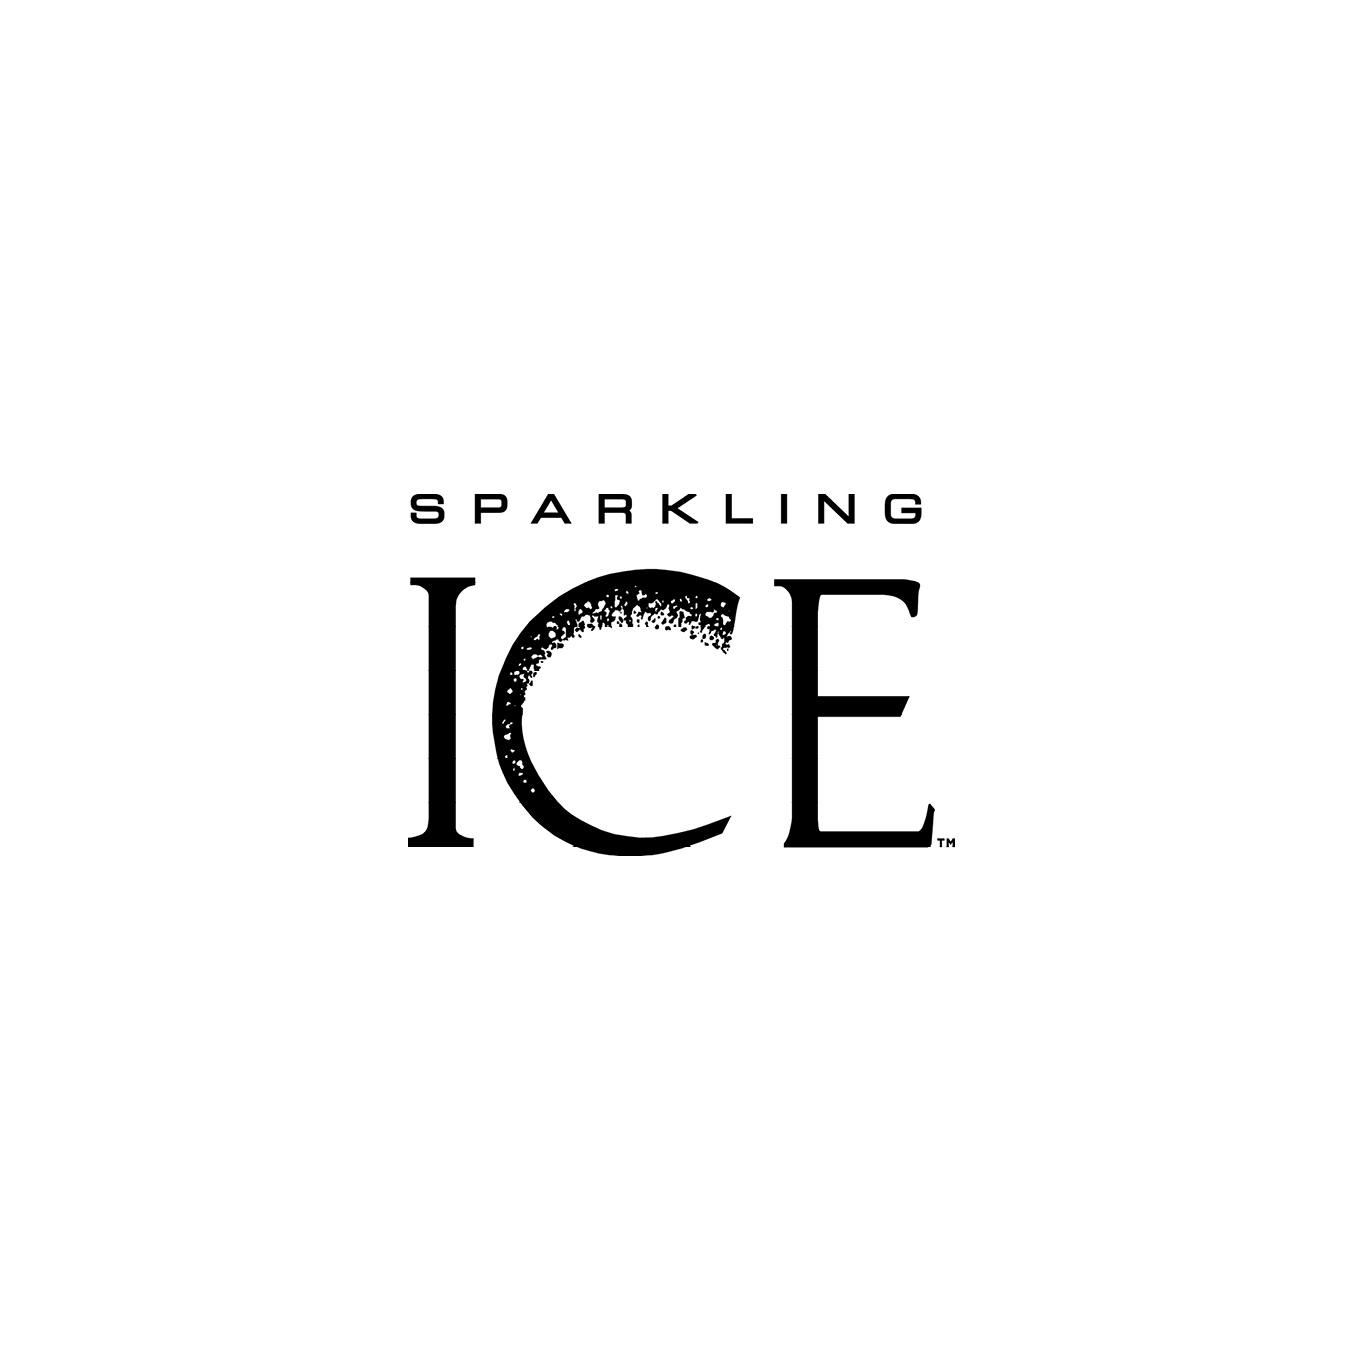 sparklingice_logo.png